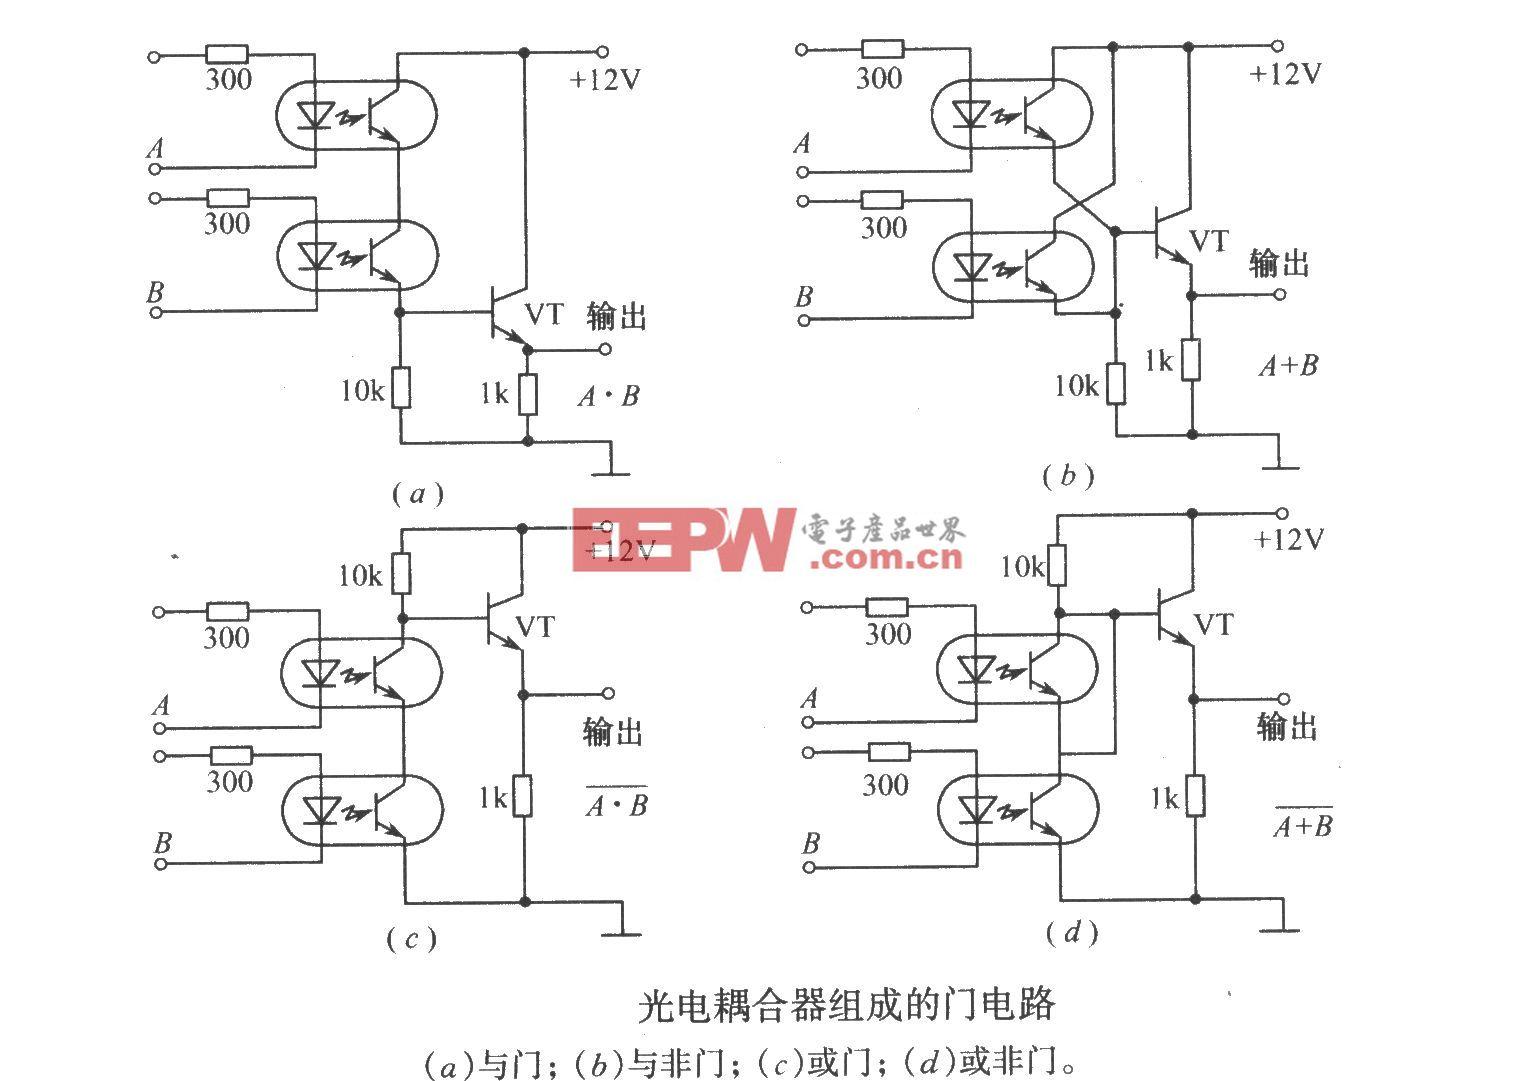 光电耦合器组成的门电路